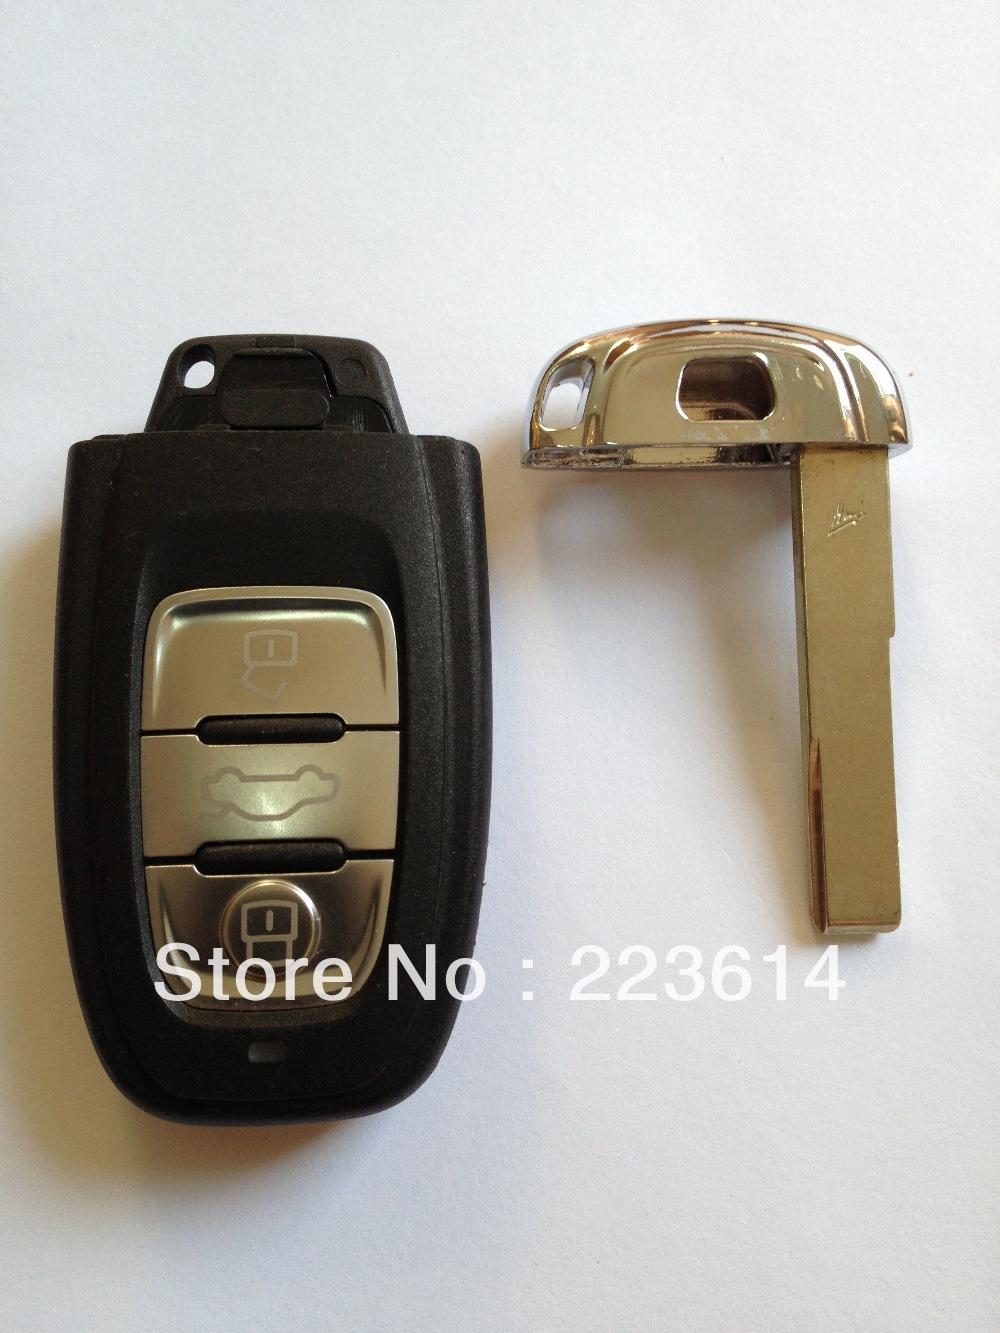 3 button smart key Audi Q5/A4L 868MHZ/433MHZ/315MHZ 8KO 959 754C super quality - Auto world store